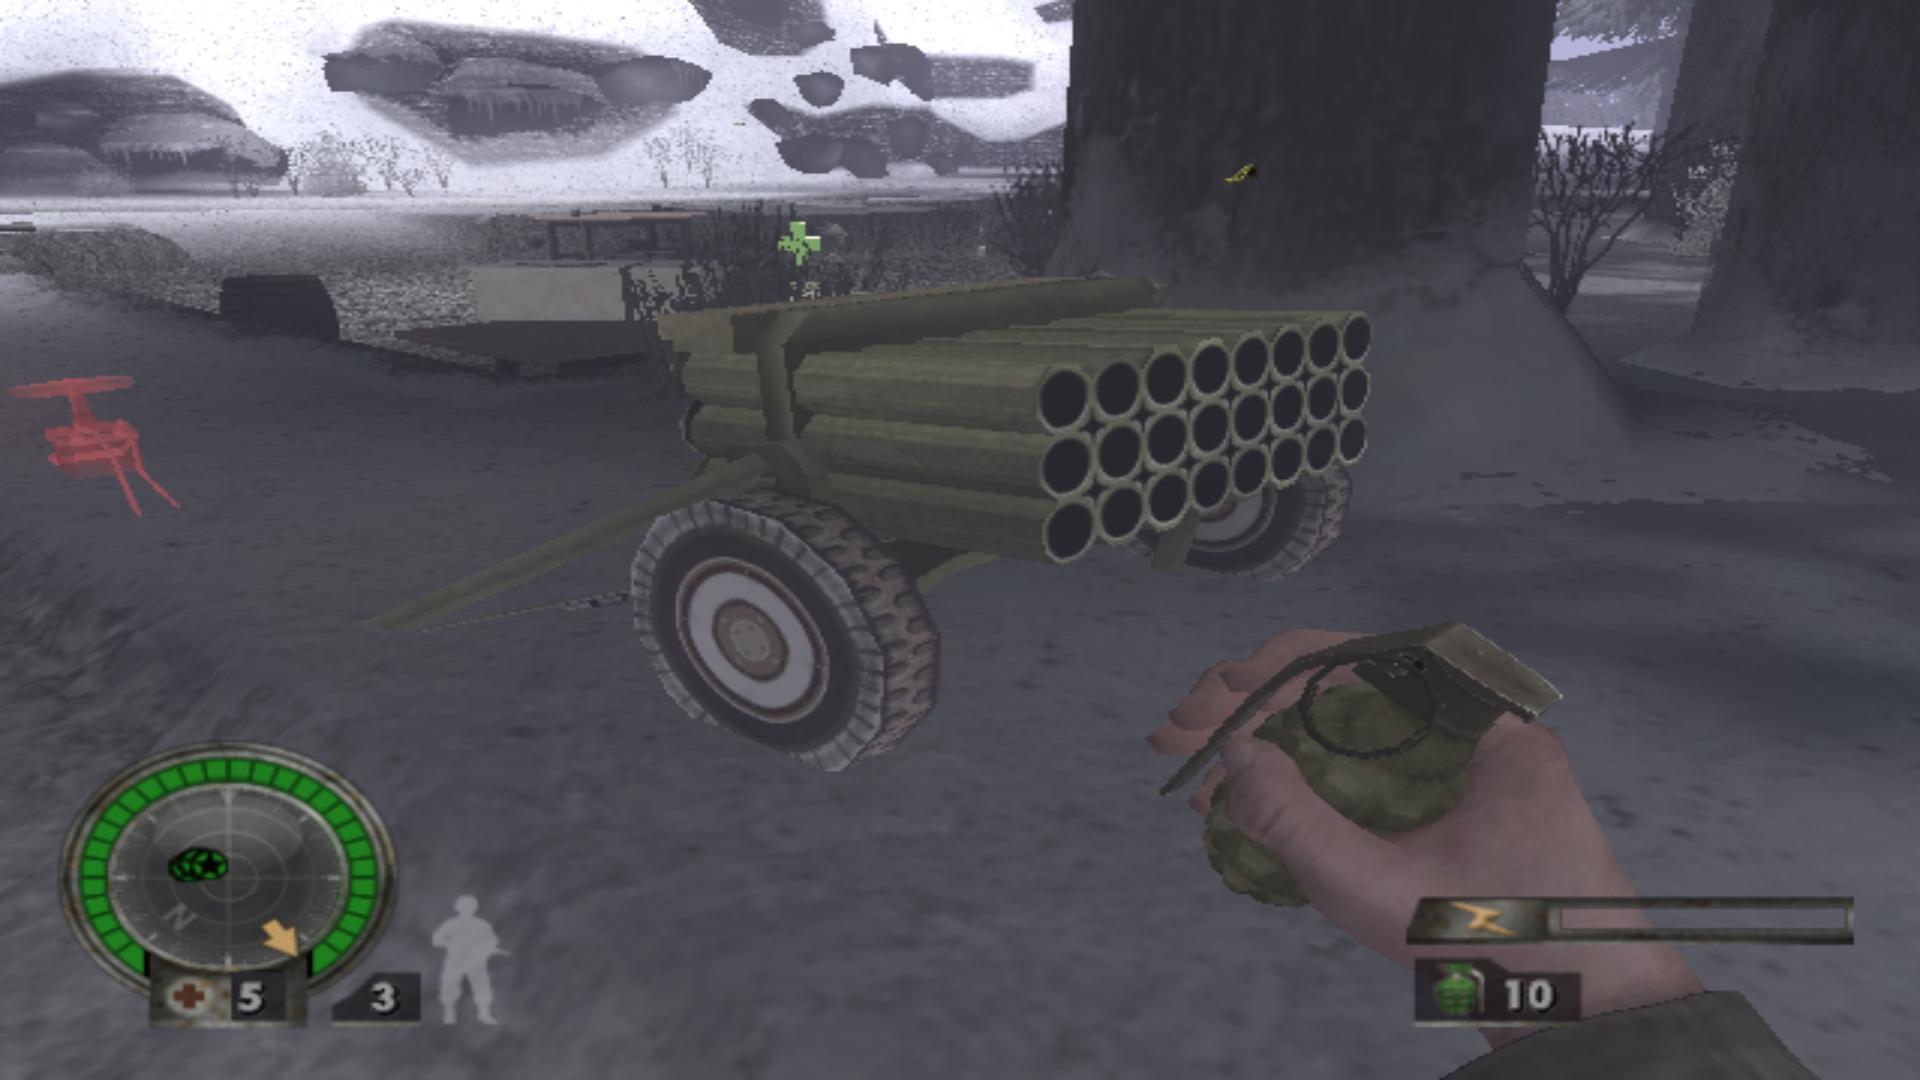 M16 Rocket Launcher